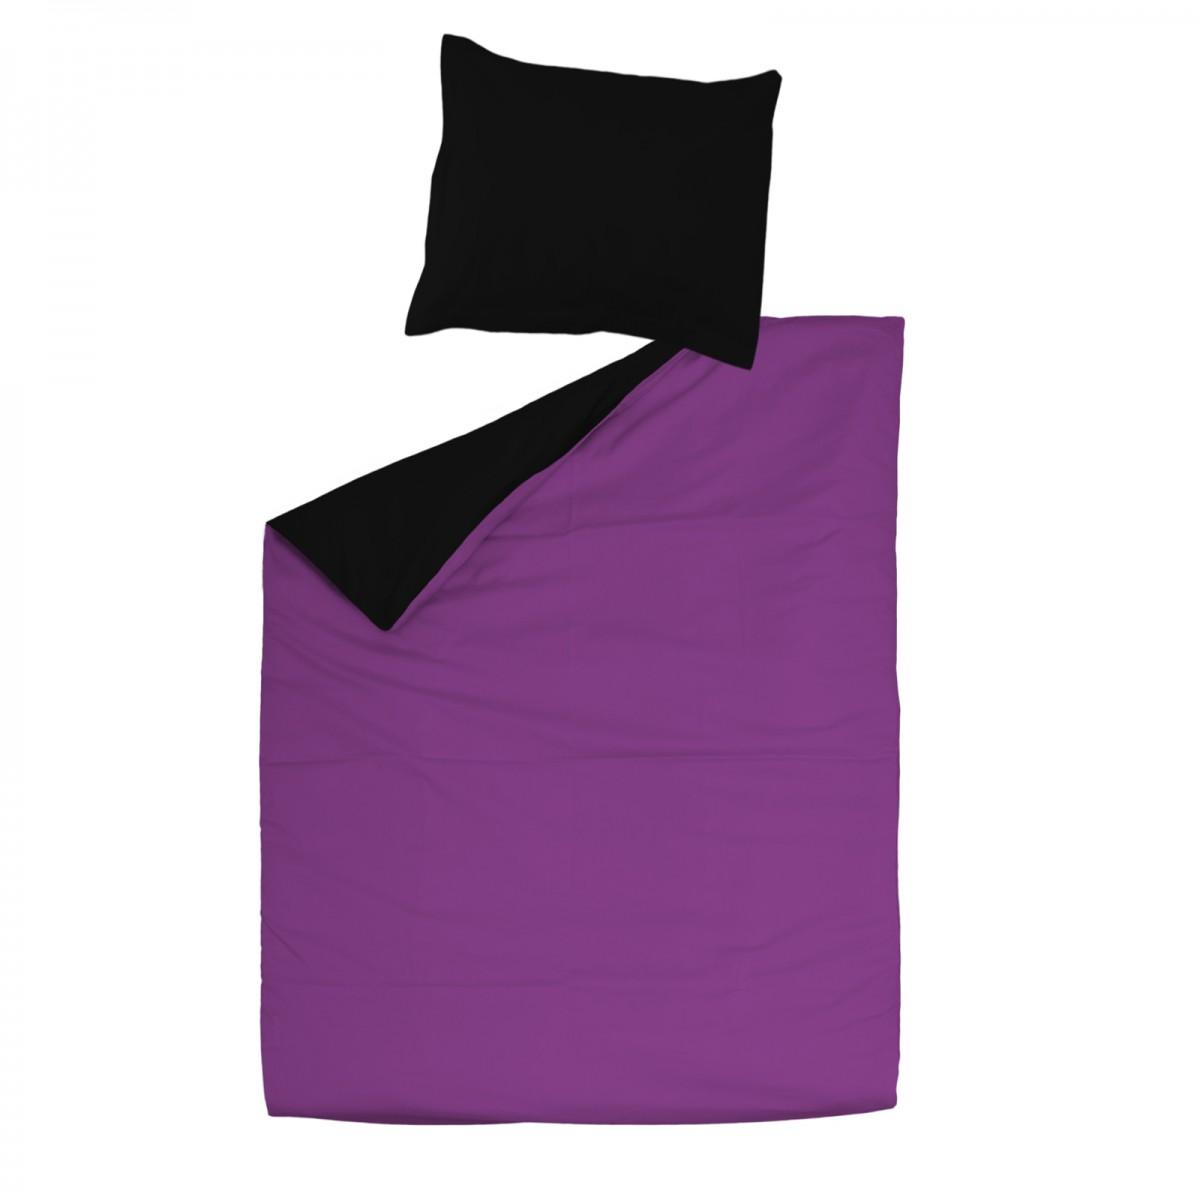 noir violet 100 coton parure de lit r versible housse de couette et taies d 39 oreiller. Black Bedroom Furniture Sets. Home Design Ideas